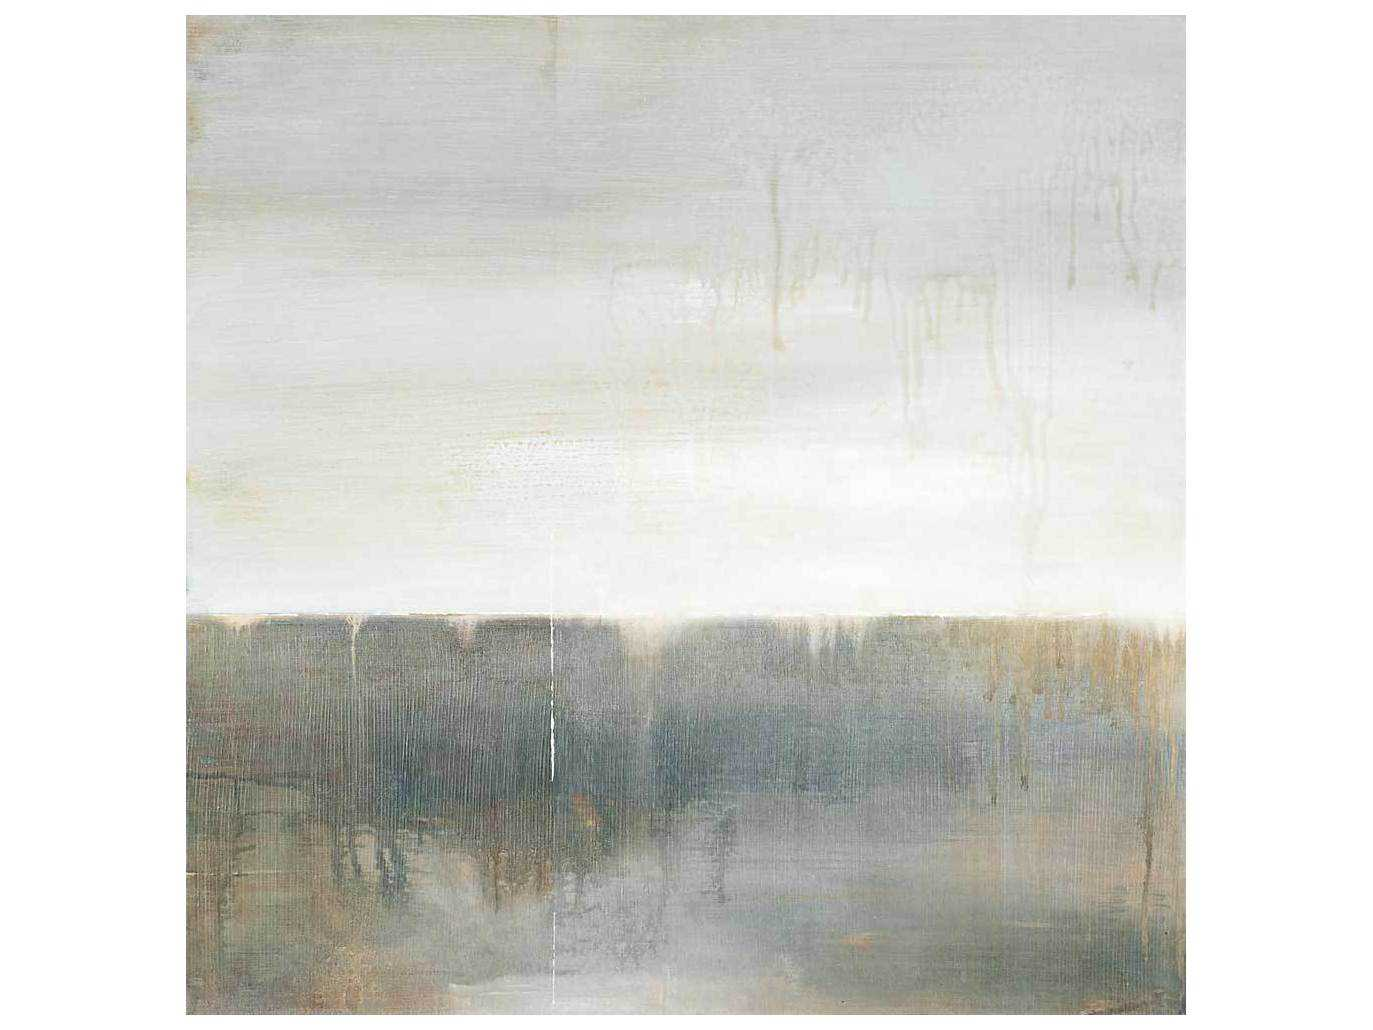 Wall Decor From Ross : Paragon ross september fog descending canvas transfer